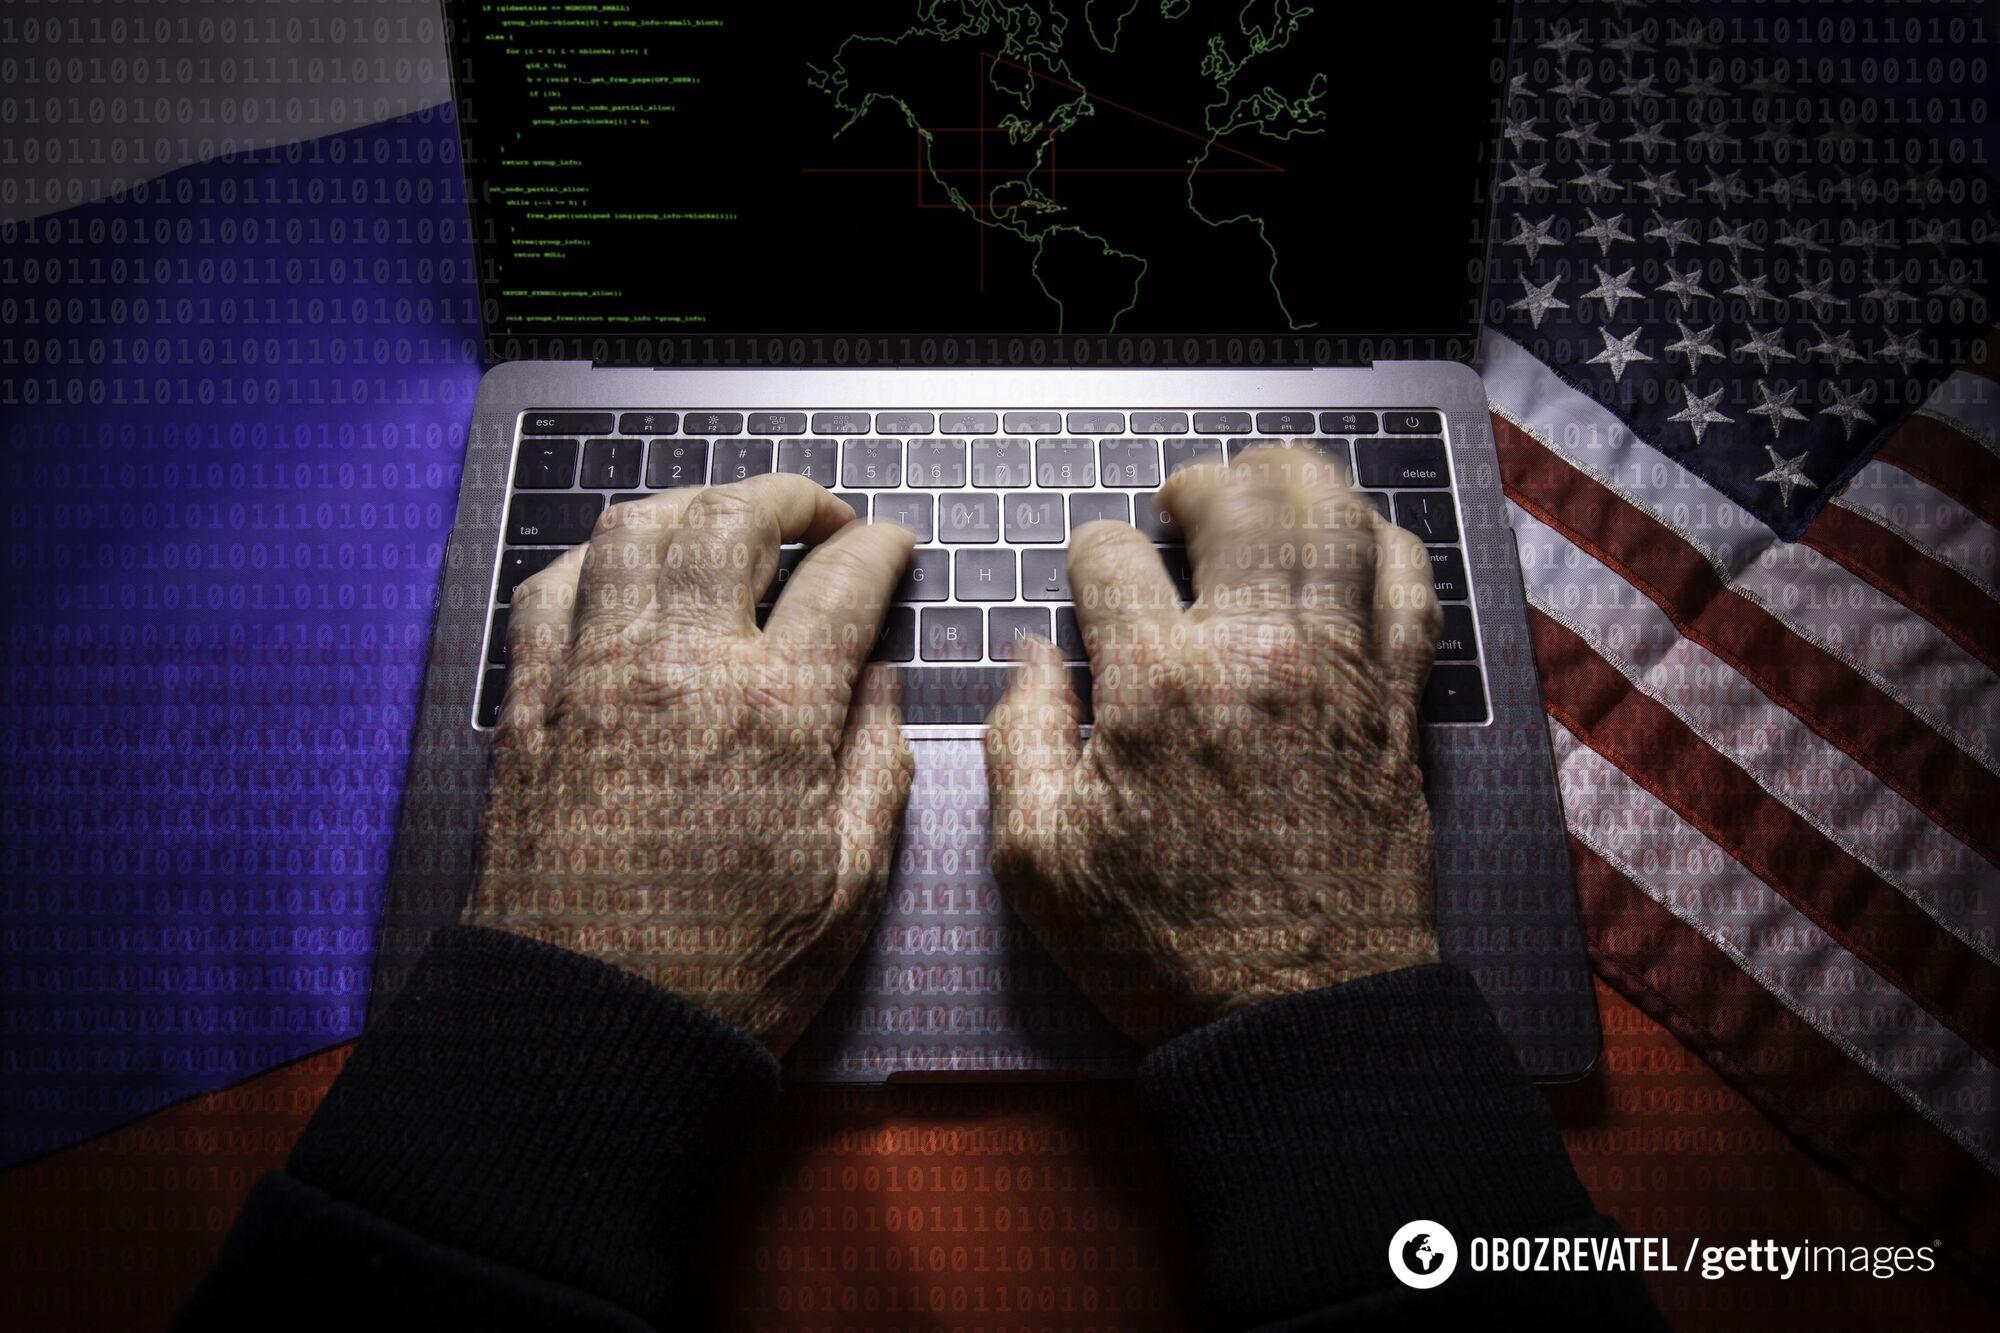 В США разразился шпионский скандал: военный много лет передавал информацию ГРУ